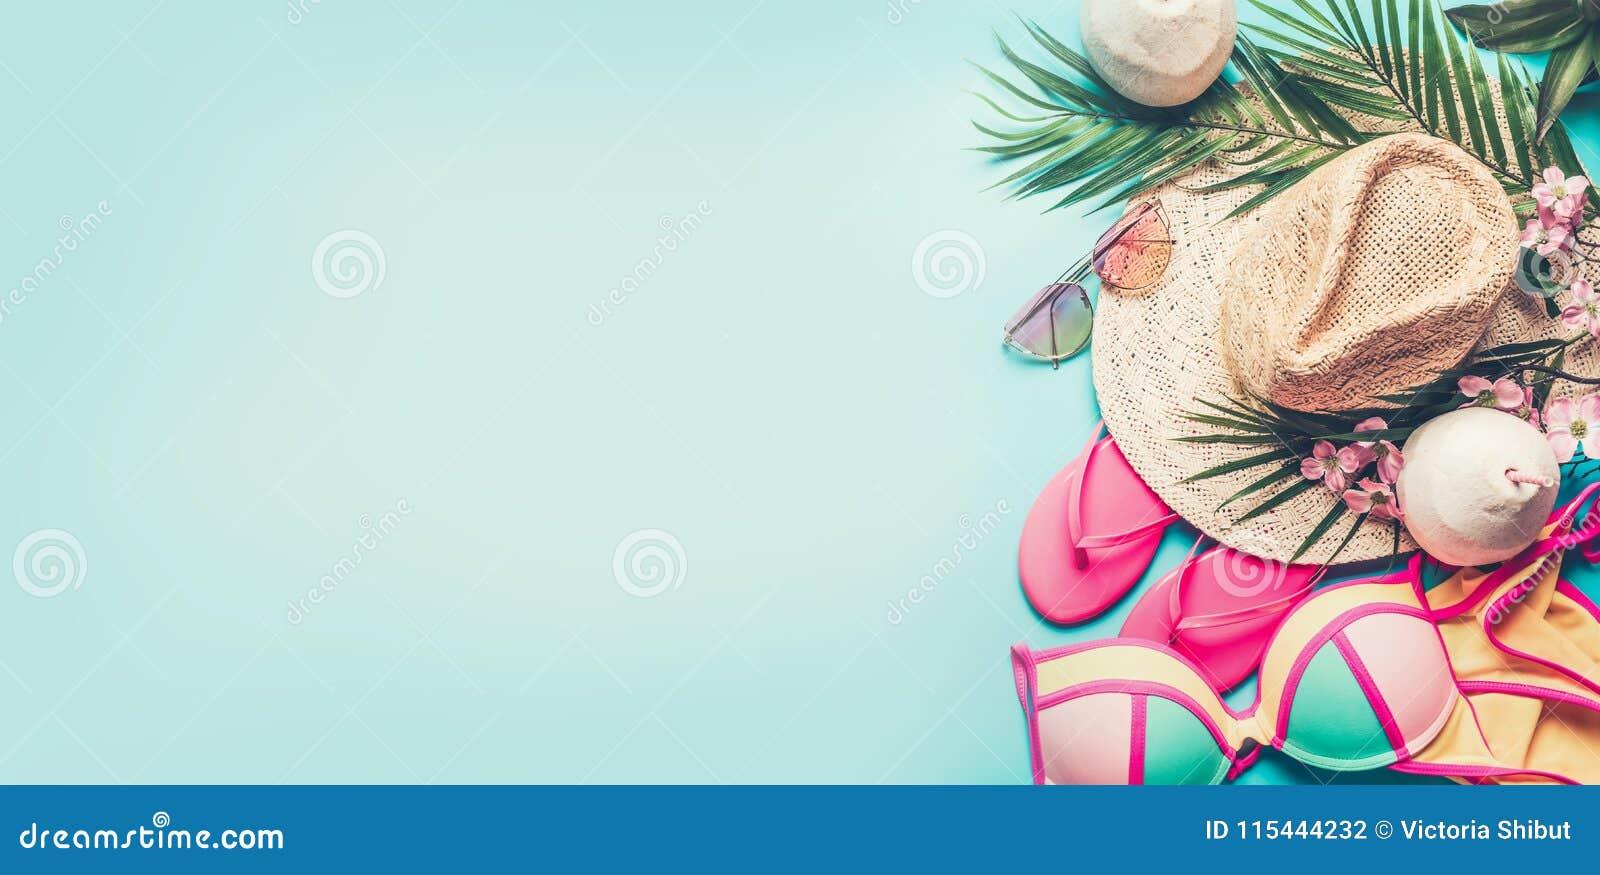 Baner för sommarferie Strandtillbehör: sugrörhatt, palmblad, solexponeringsglas, rosa flipmisslyckanden, bikini och kokosnötcocta